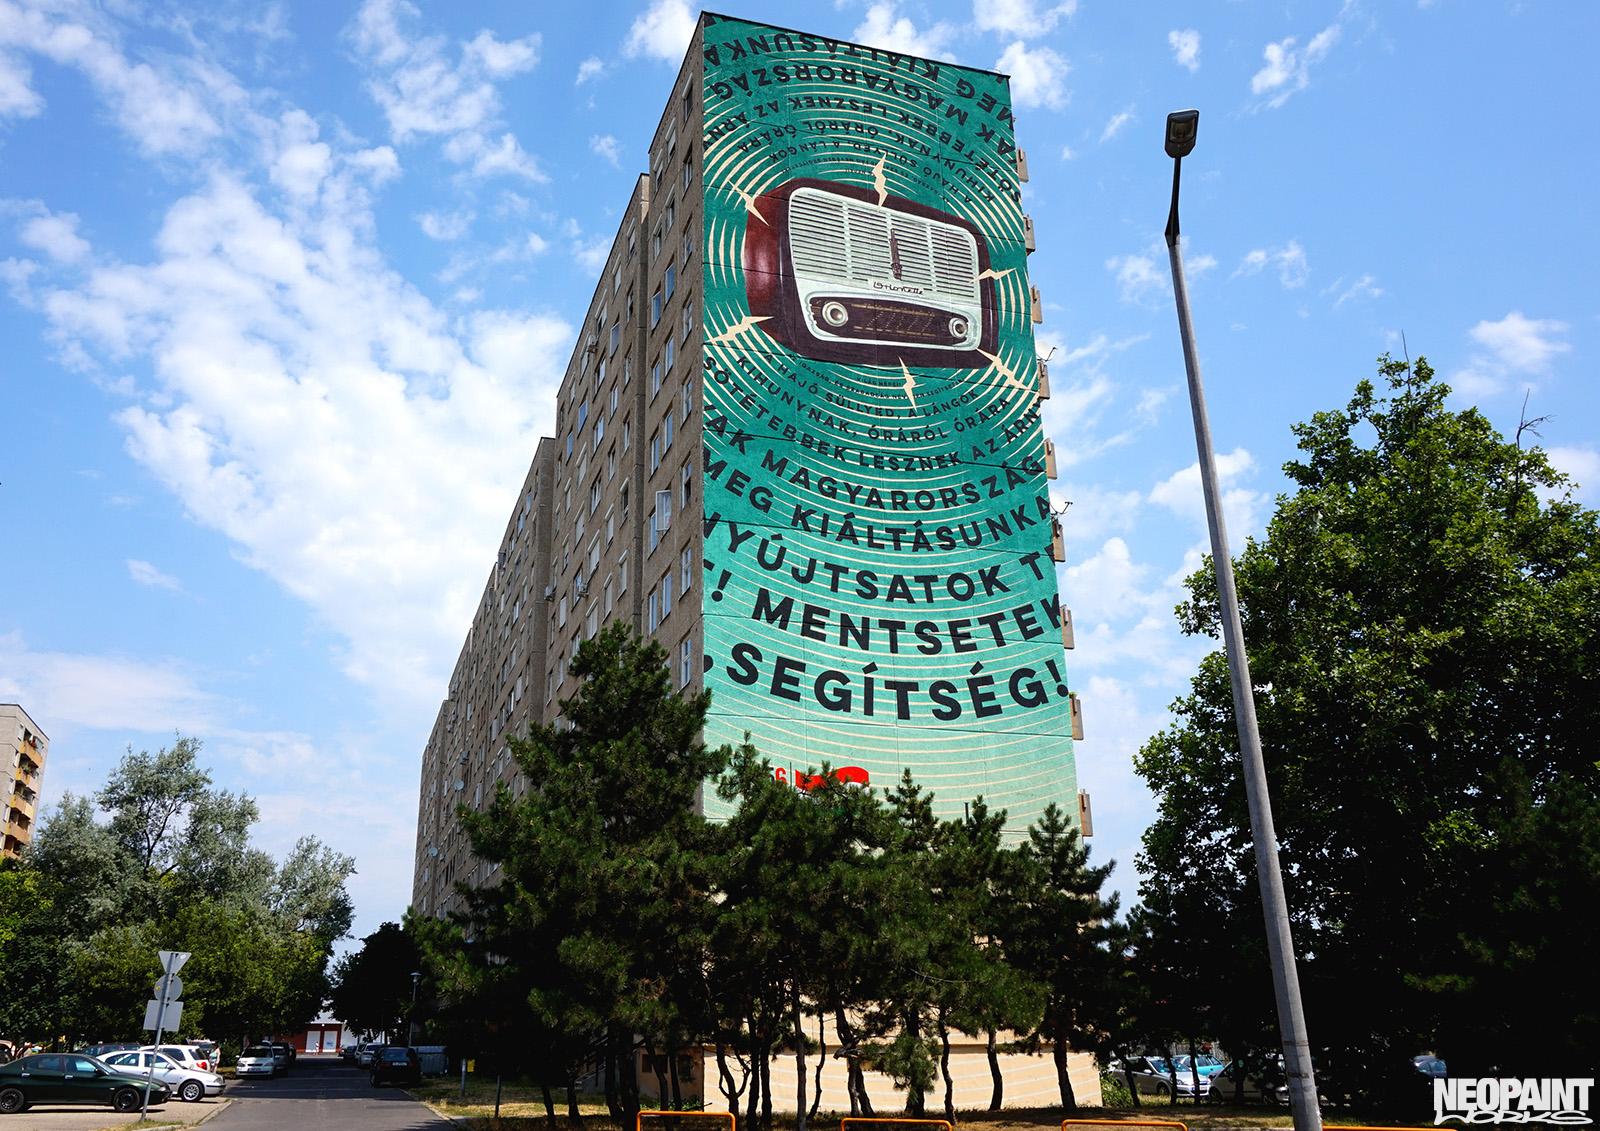 neopaint works - nagy méretű falfestmény panelház - 1956 rádió